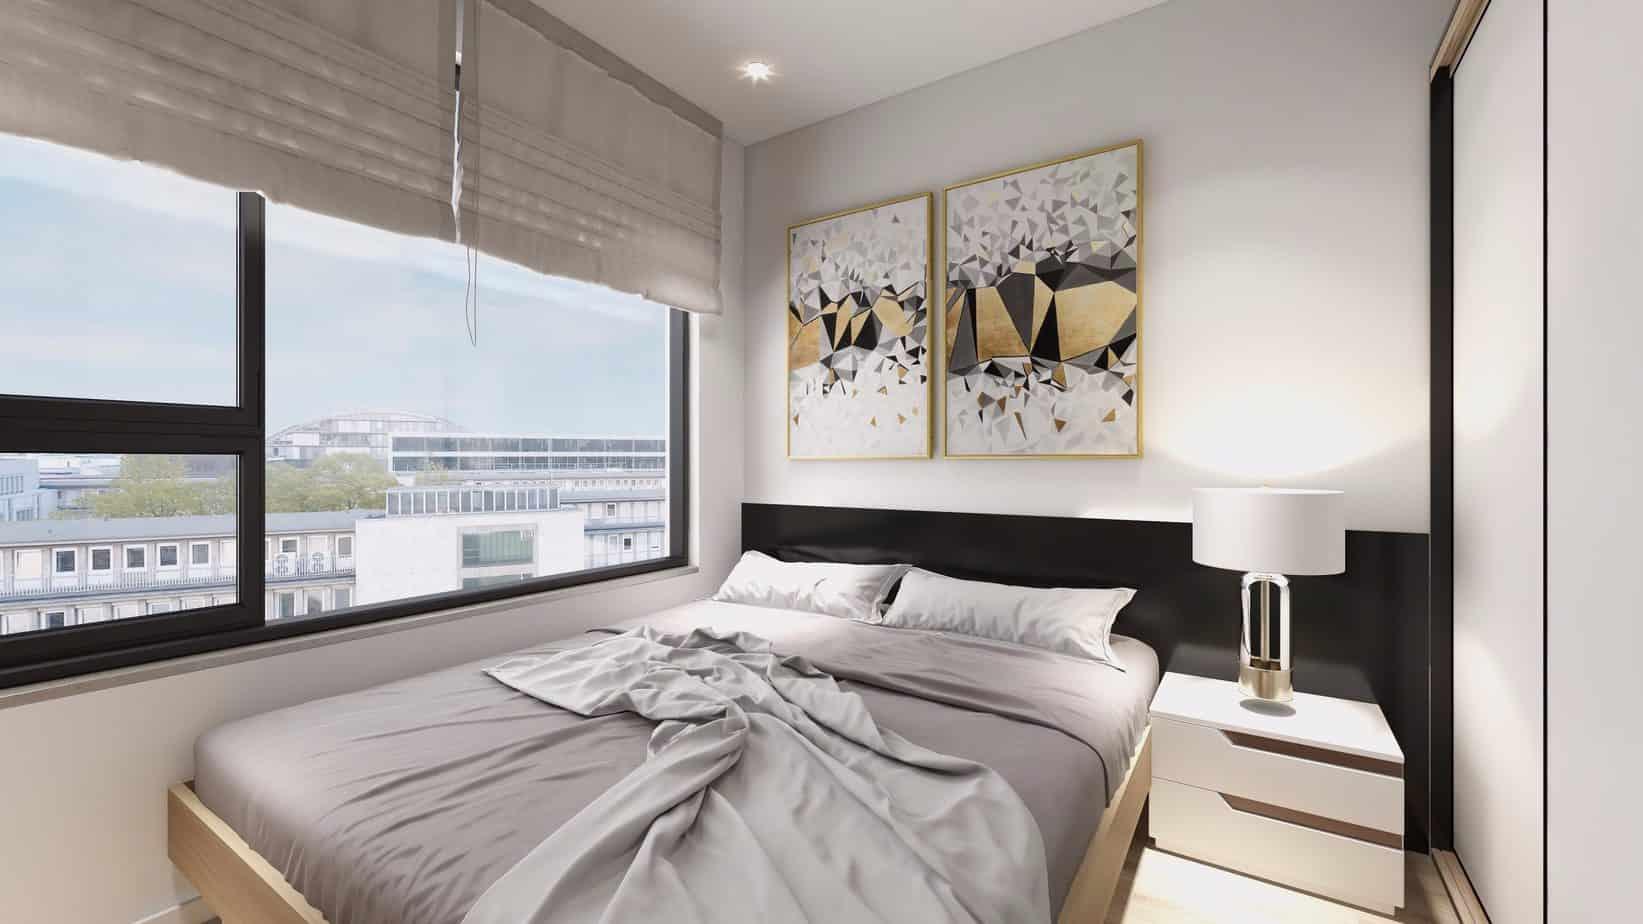 Bức tranh hình học đa giác giàu nghệ thuật sẽ tạo thêm hiệu ứng thẩm mỹ cho phòng ngủ vợ chồng